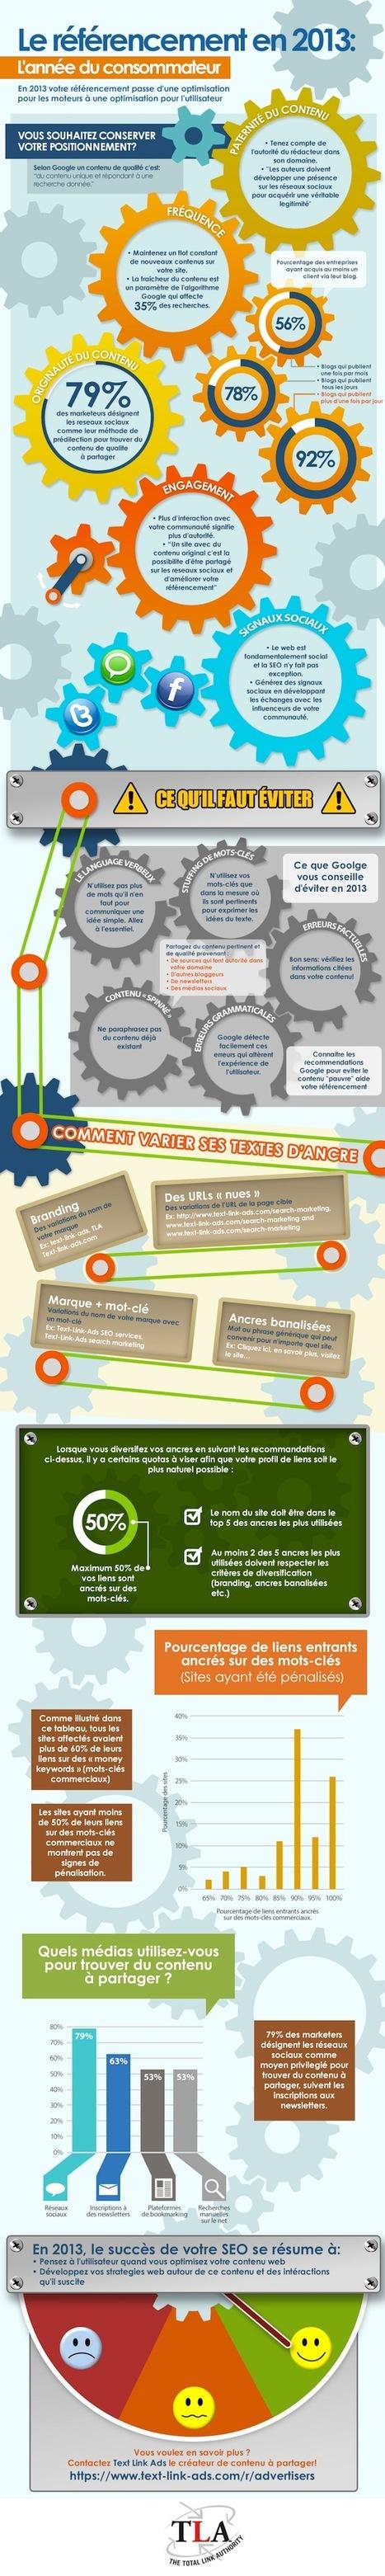 Comment se faire bien référencer en 2013 ? | Ecrire pour le web et s'adapter aux nouveaux usages | MOOC tout au long de la vie... | Scoop.it